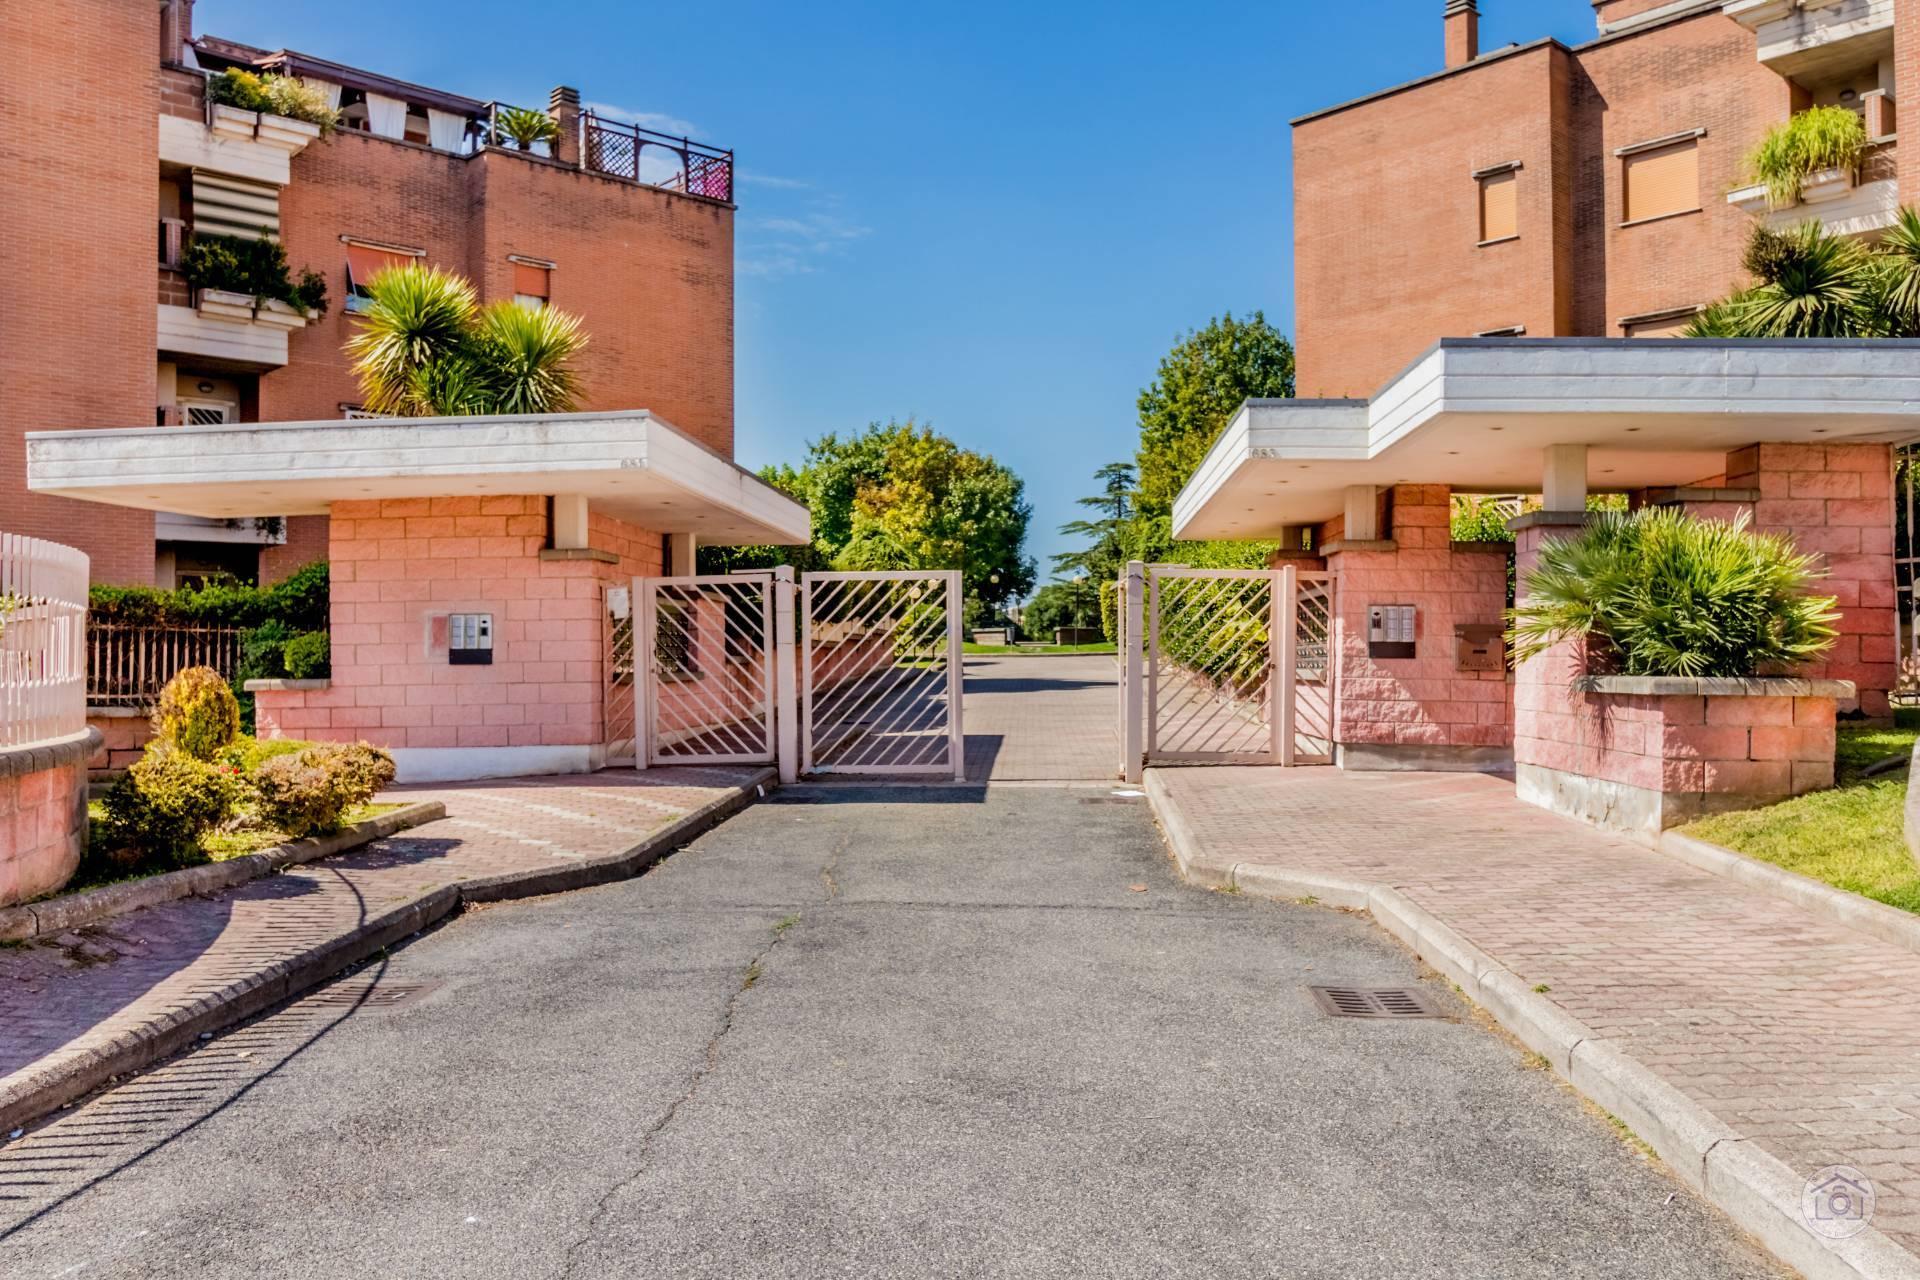 Appartamento in Vendita a Roma: 2 locali, 43 mq - Foto 1